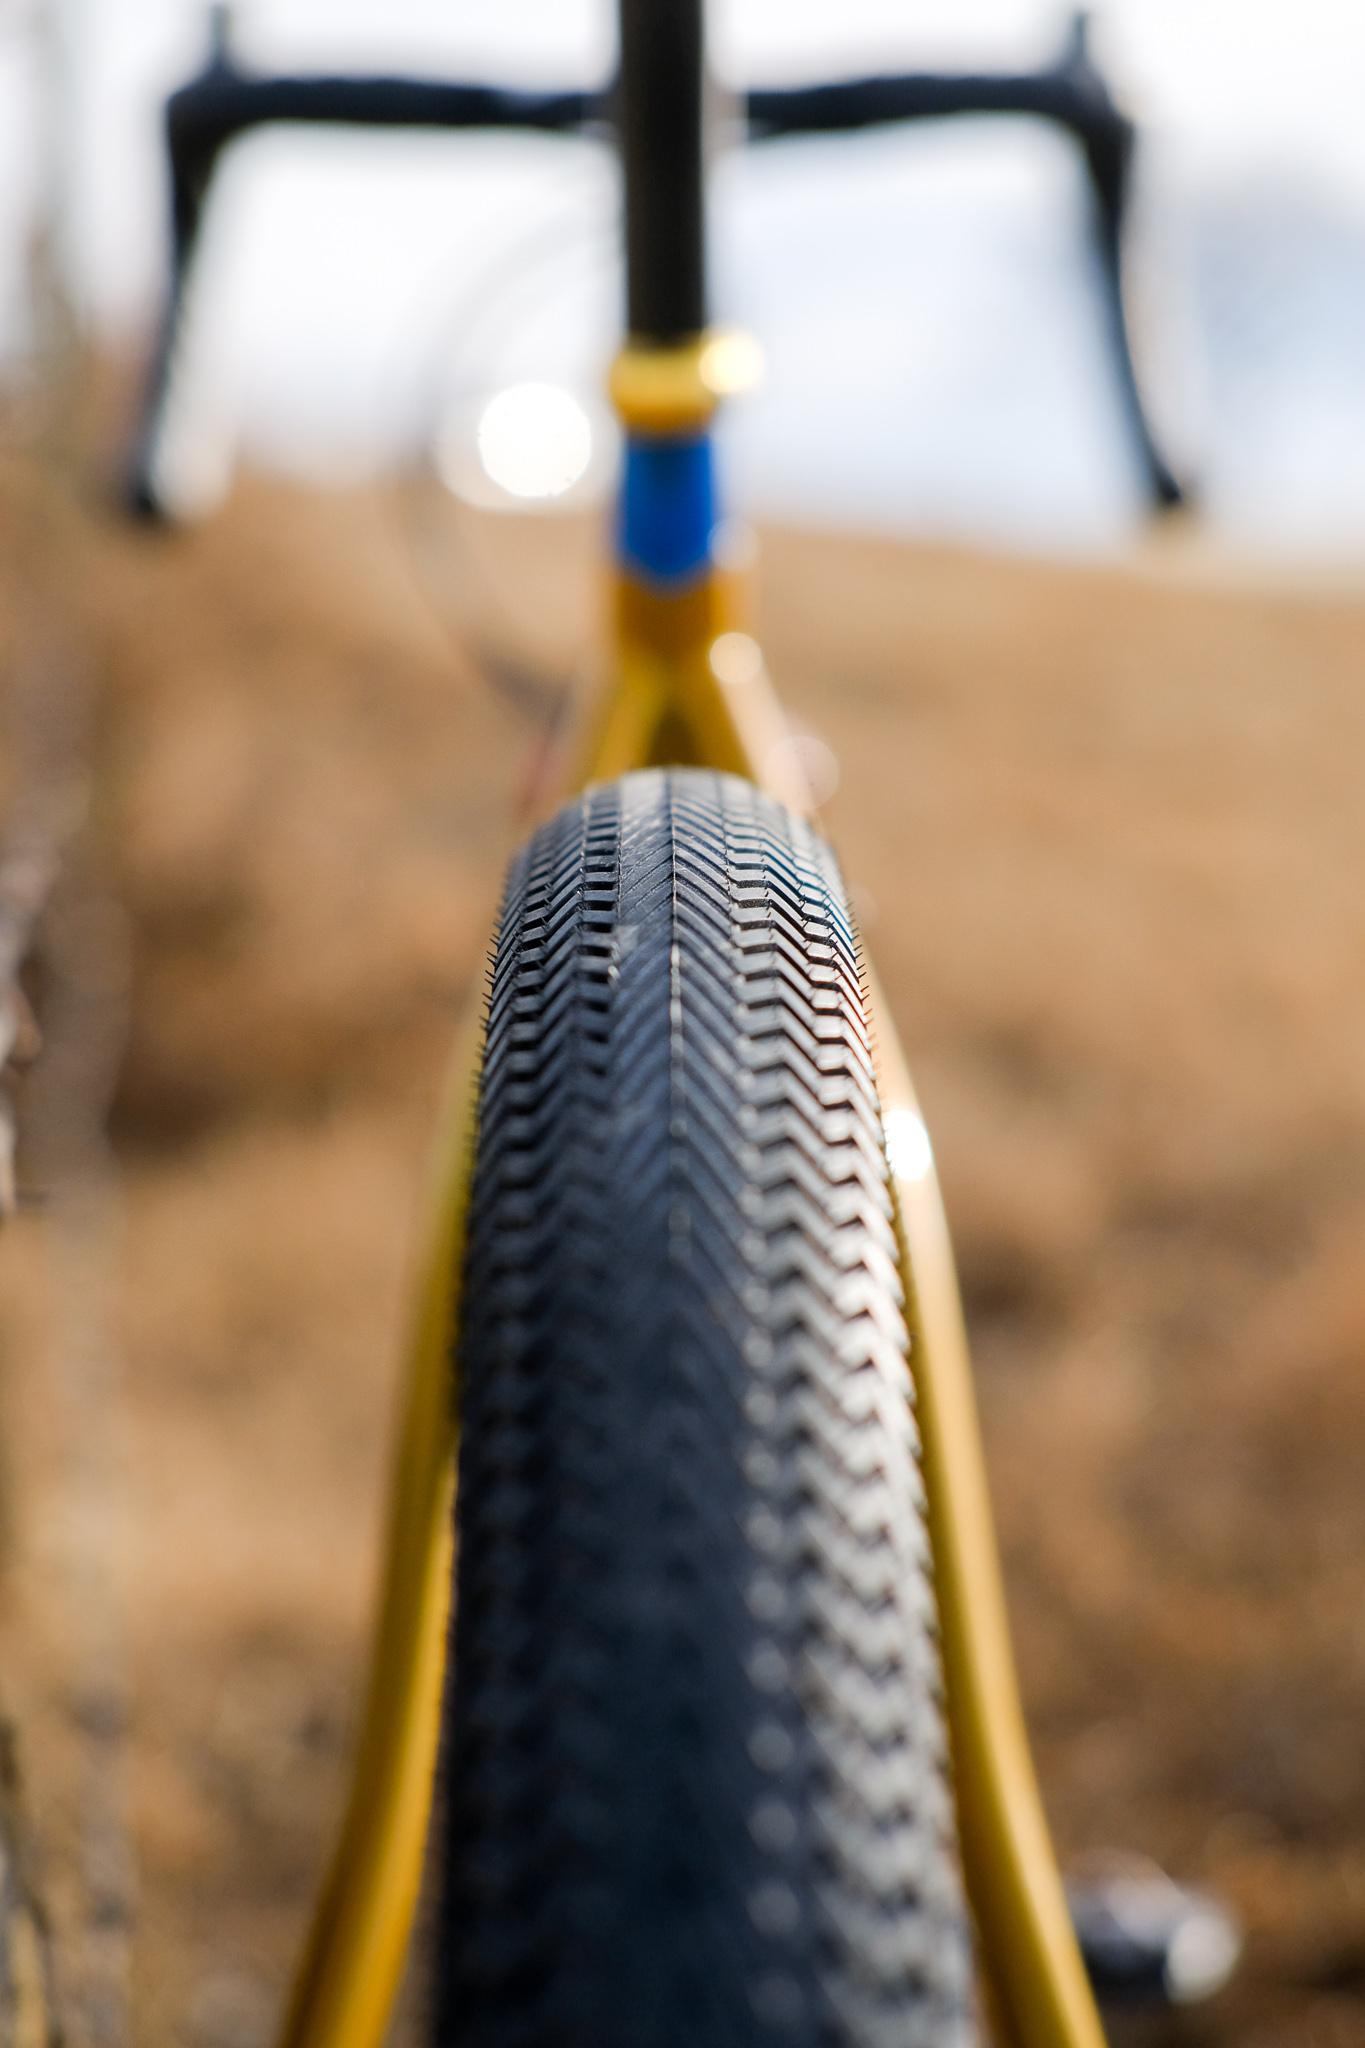 2018-02-18 Beth Morford Pedalino Bike Fuji Jpeg-104.jpg